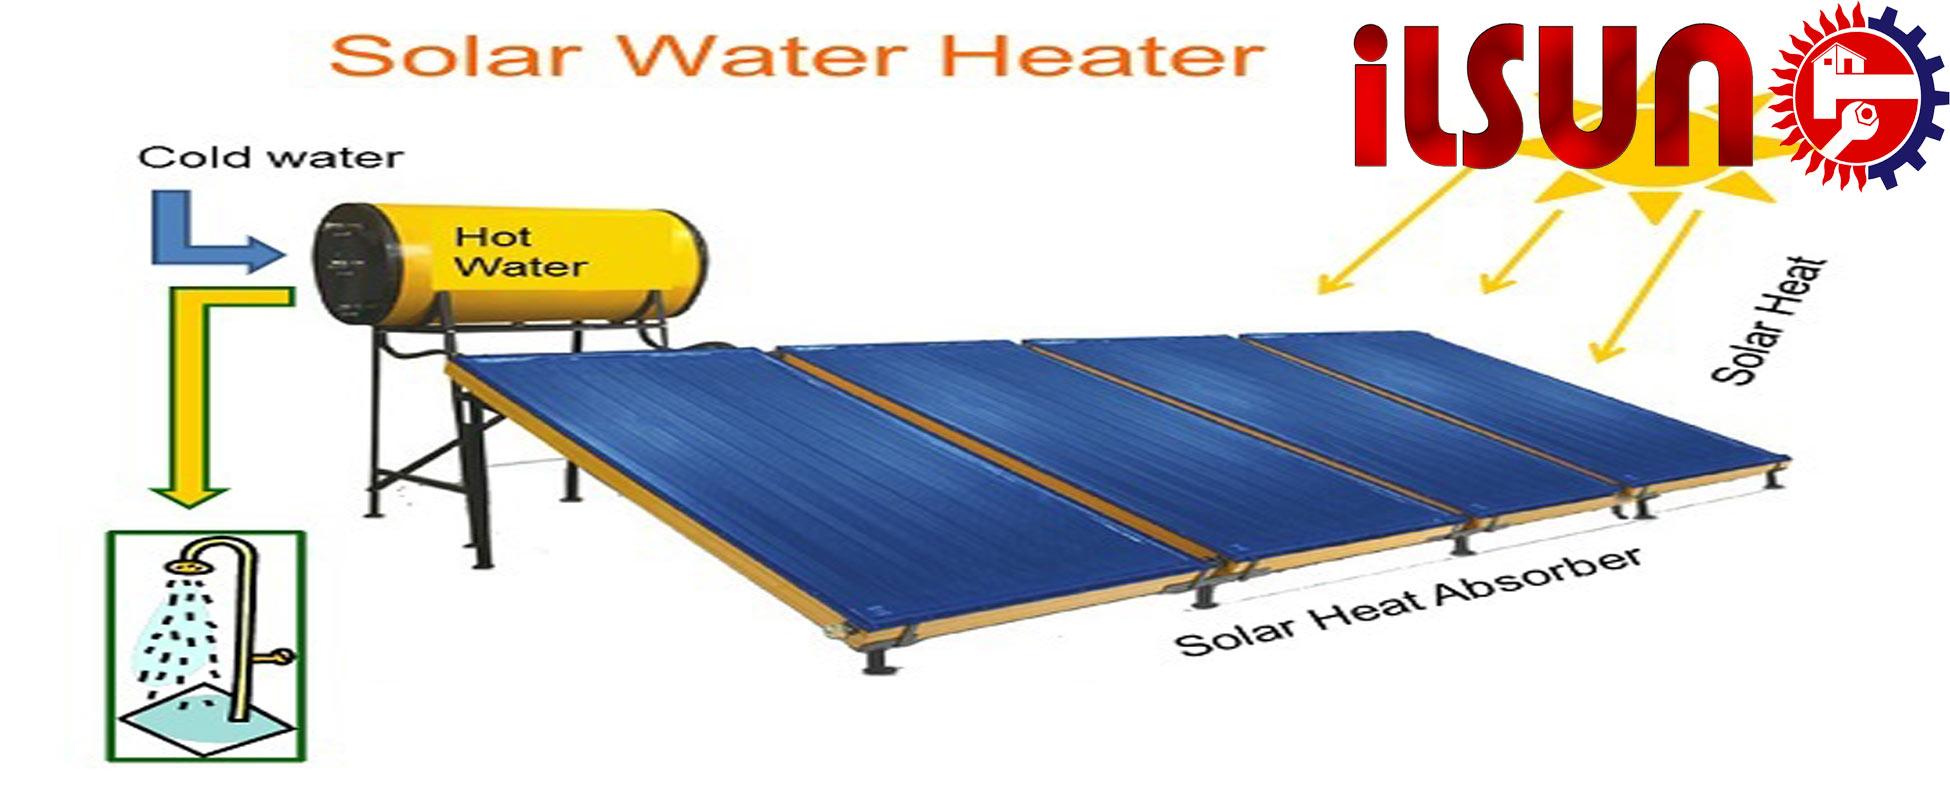 بهترین مکان برای نصب آبگرمکن خورشیدی